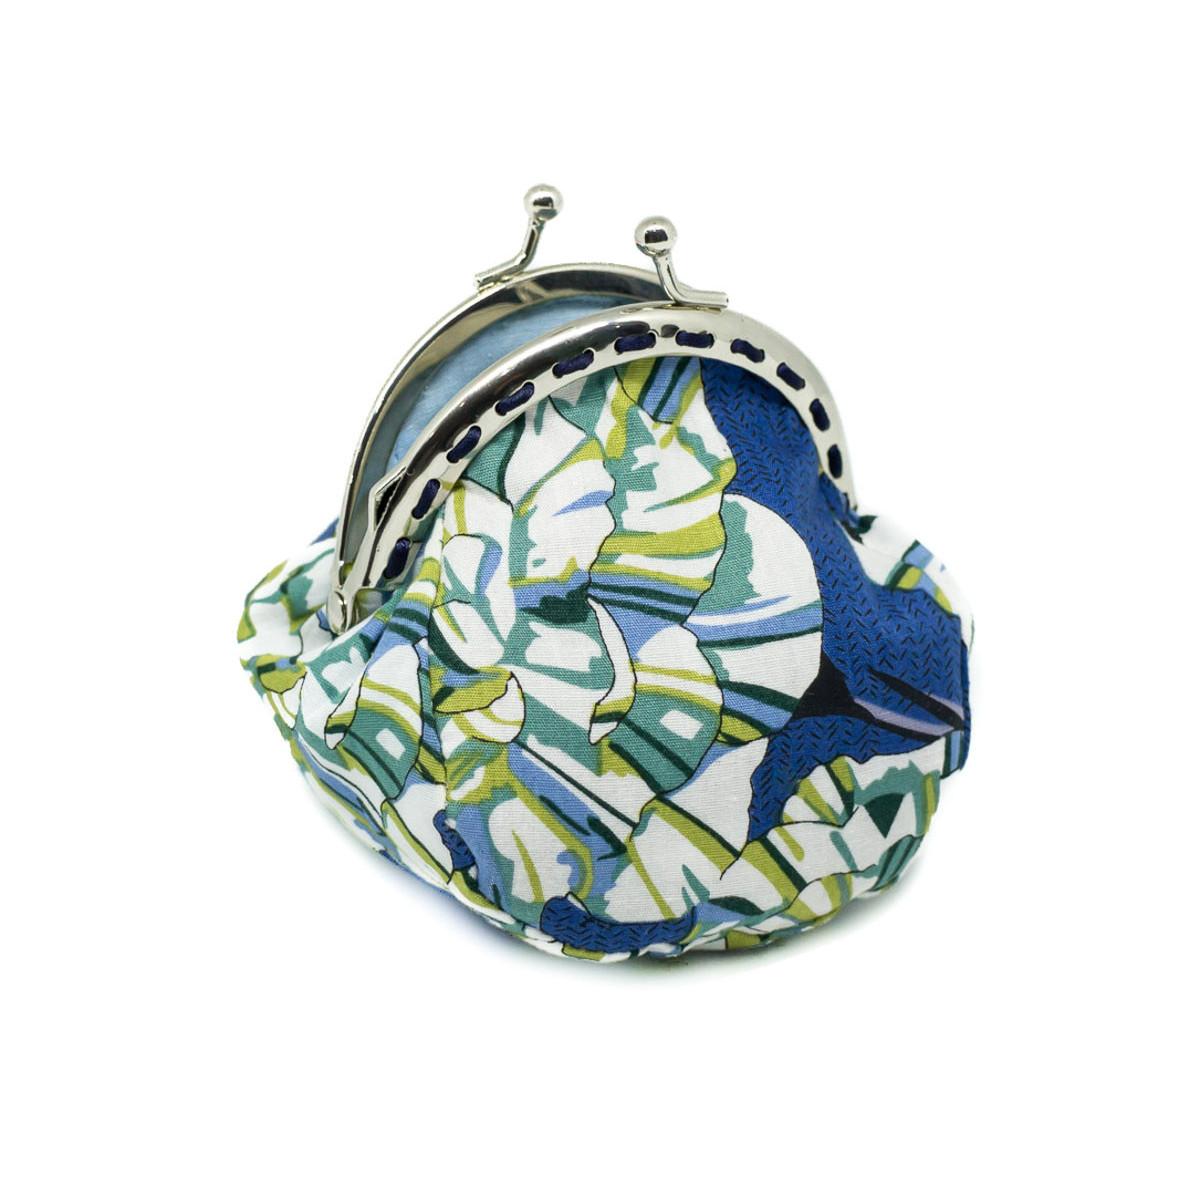 Petit porte-monnaie bourse à clip rétro bleu et fleurs vert olive